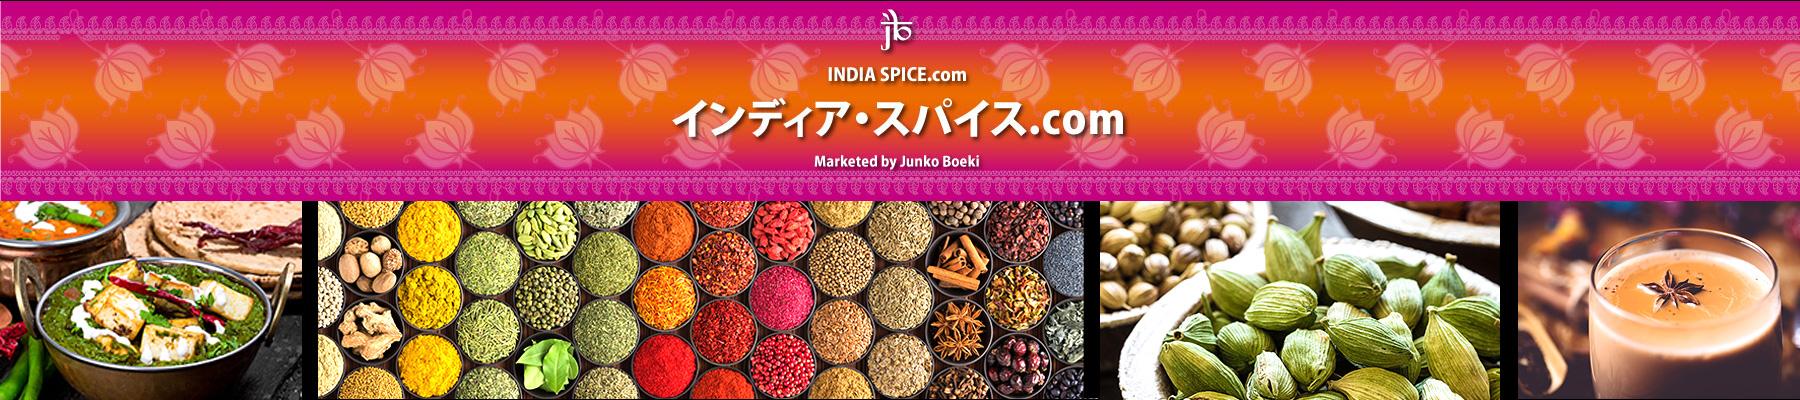 インドな街、神戸・北野町から-業務用スパイス専門店 インディア・スパイス.com  by ジュンコ貿易